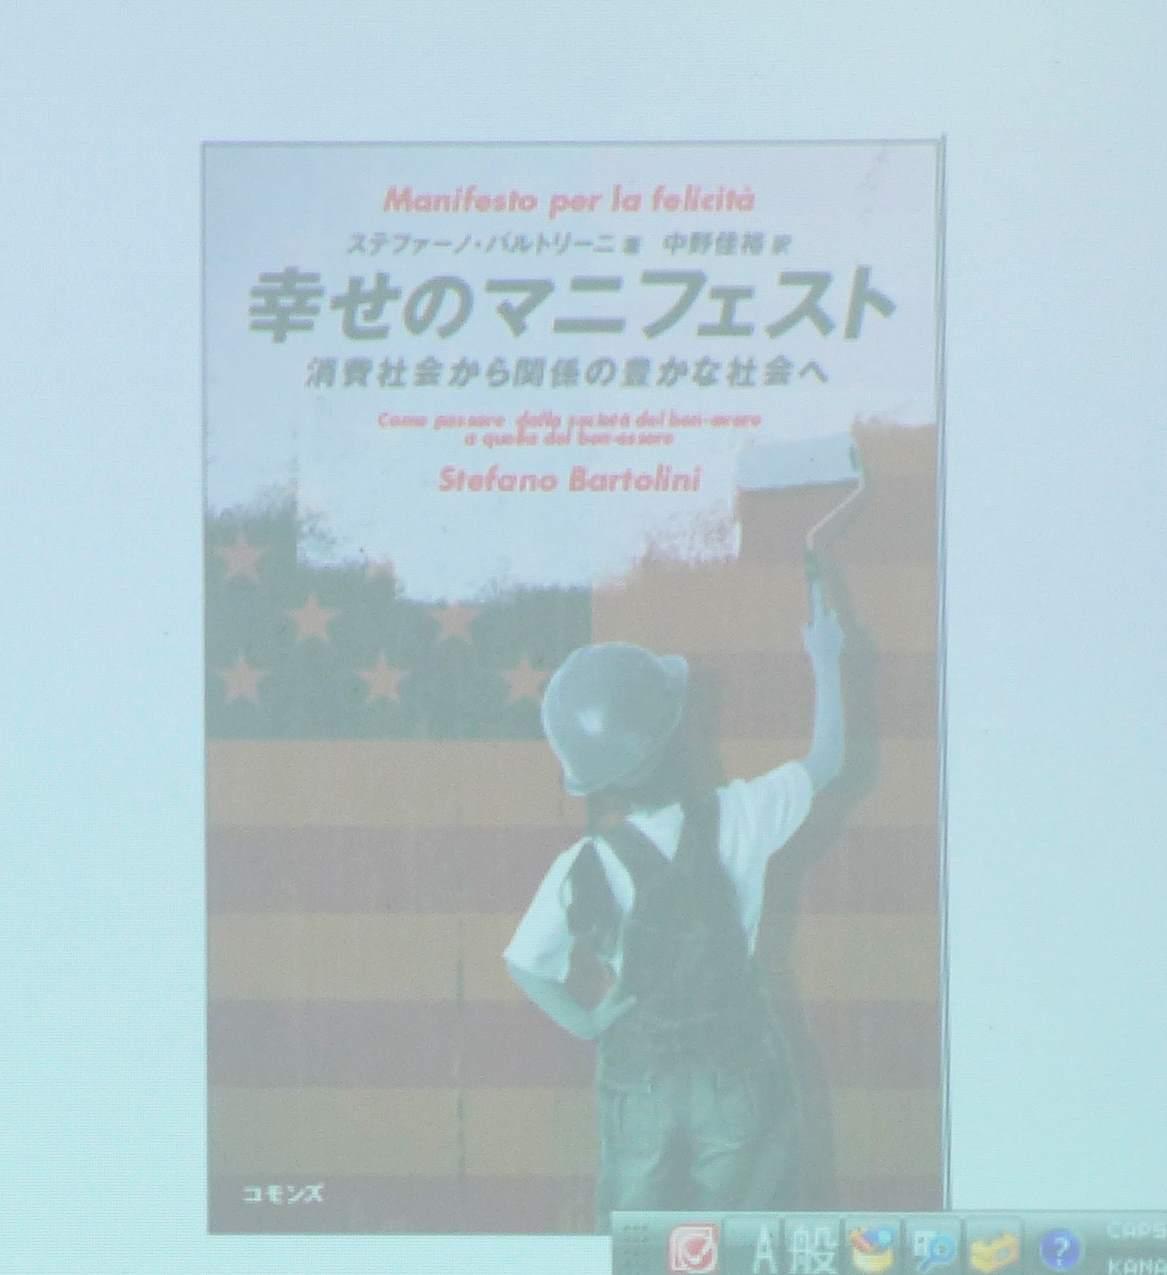 中野佳裕さん講演 地域・アソシエーション研究所主催